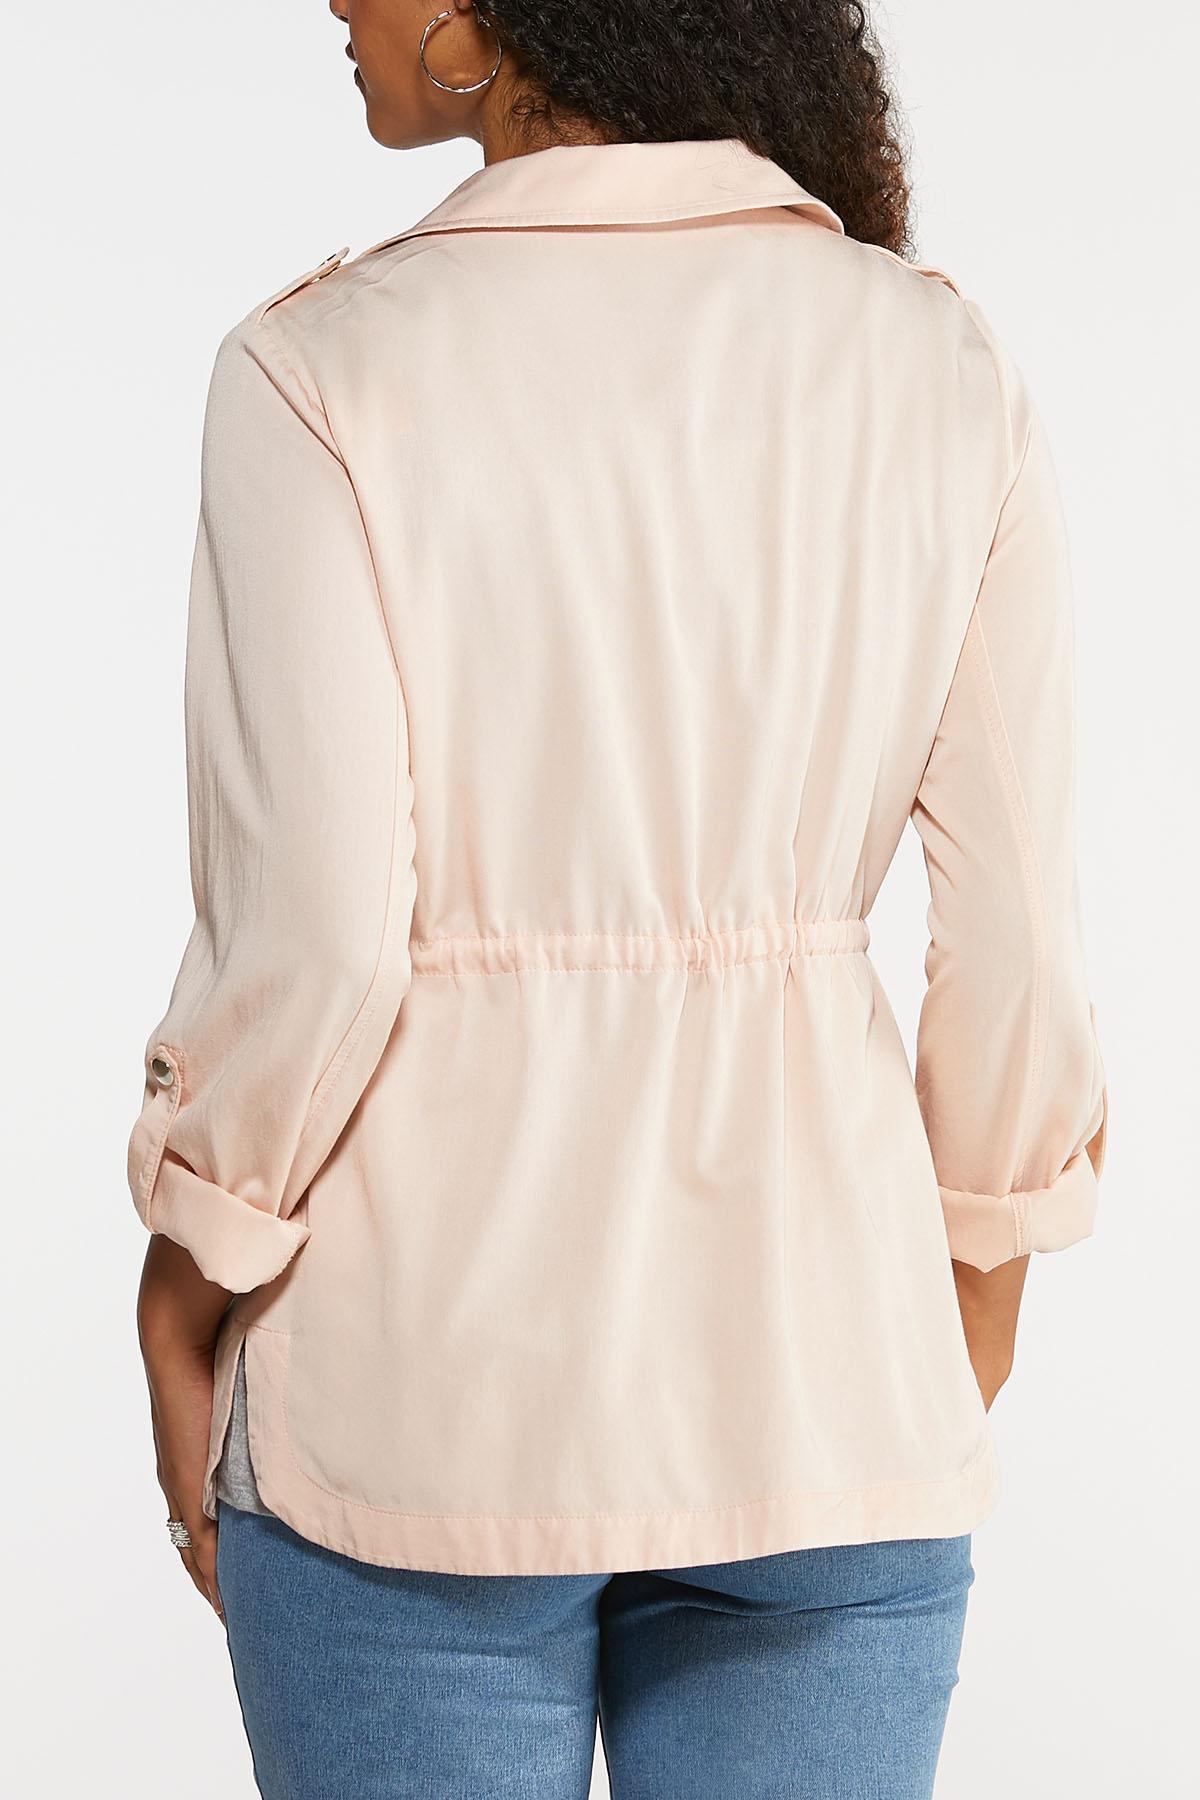 Blush Utility Jacket (Item #43927272)